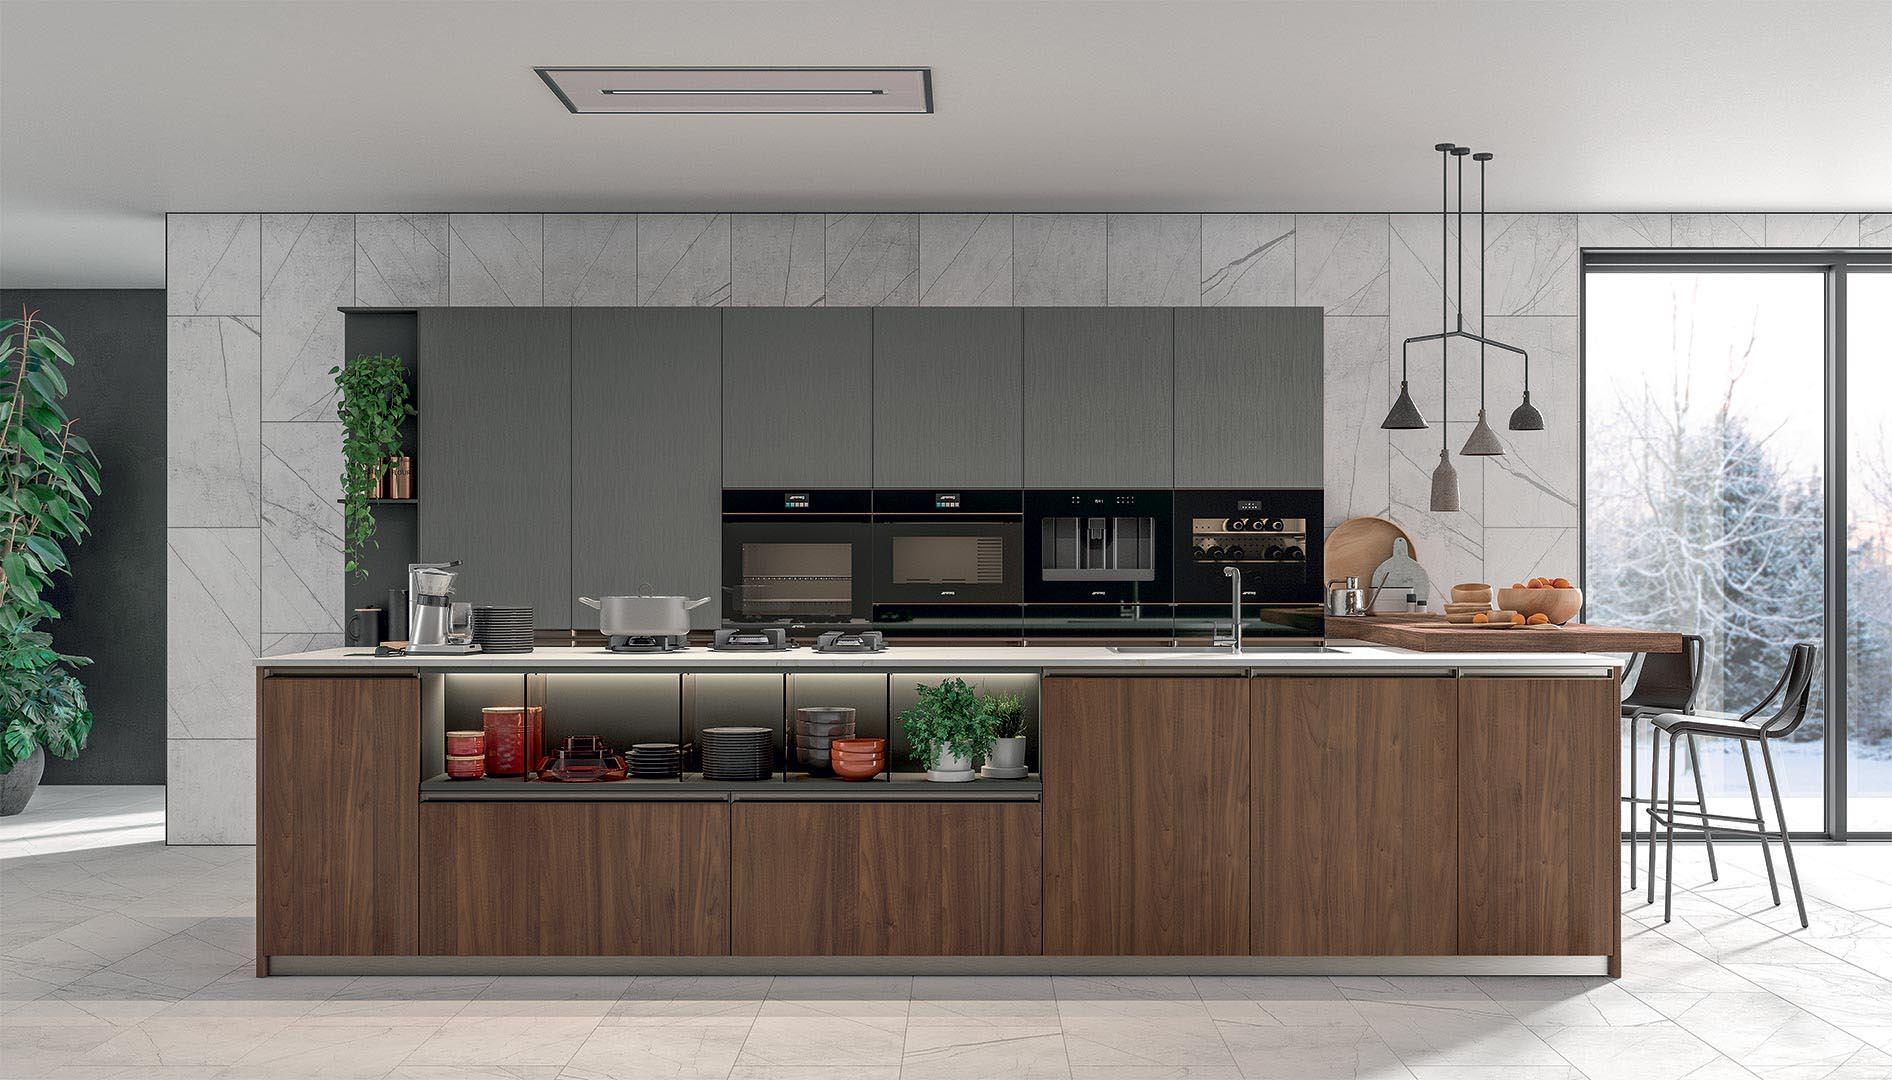 Cucine Moderne Cucine Lube Con Isola Centrale.Immagina Plus Cucine Moderne Cucine Lube